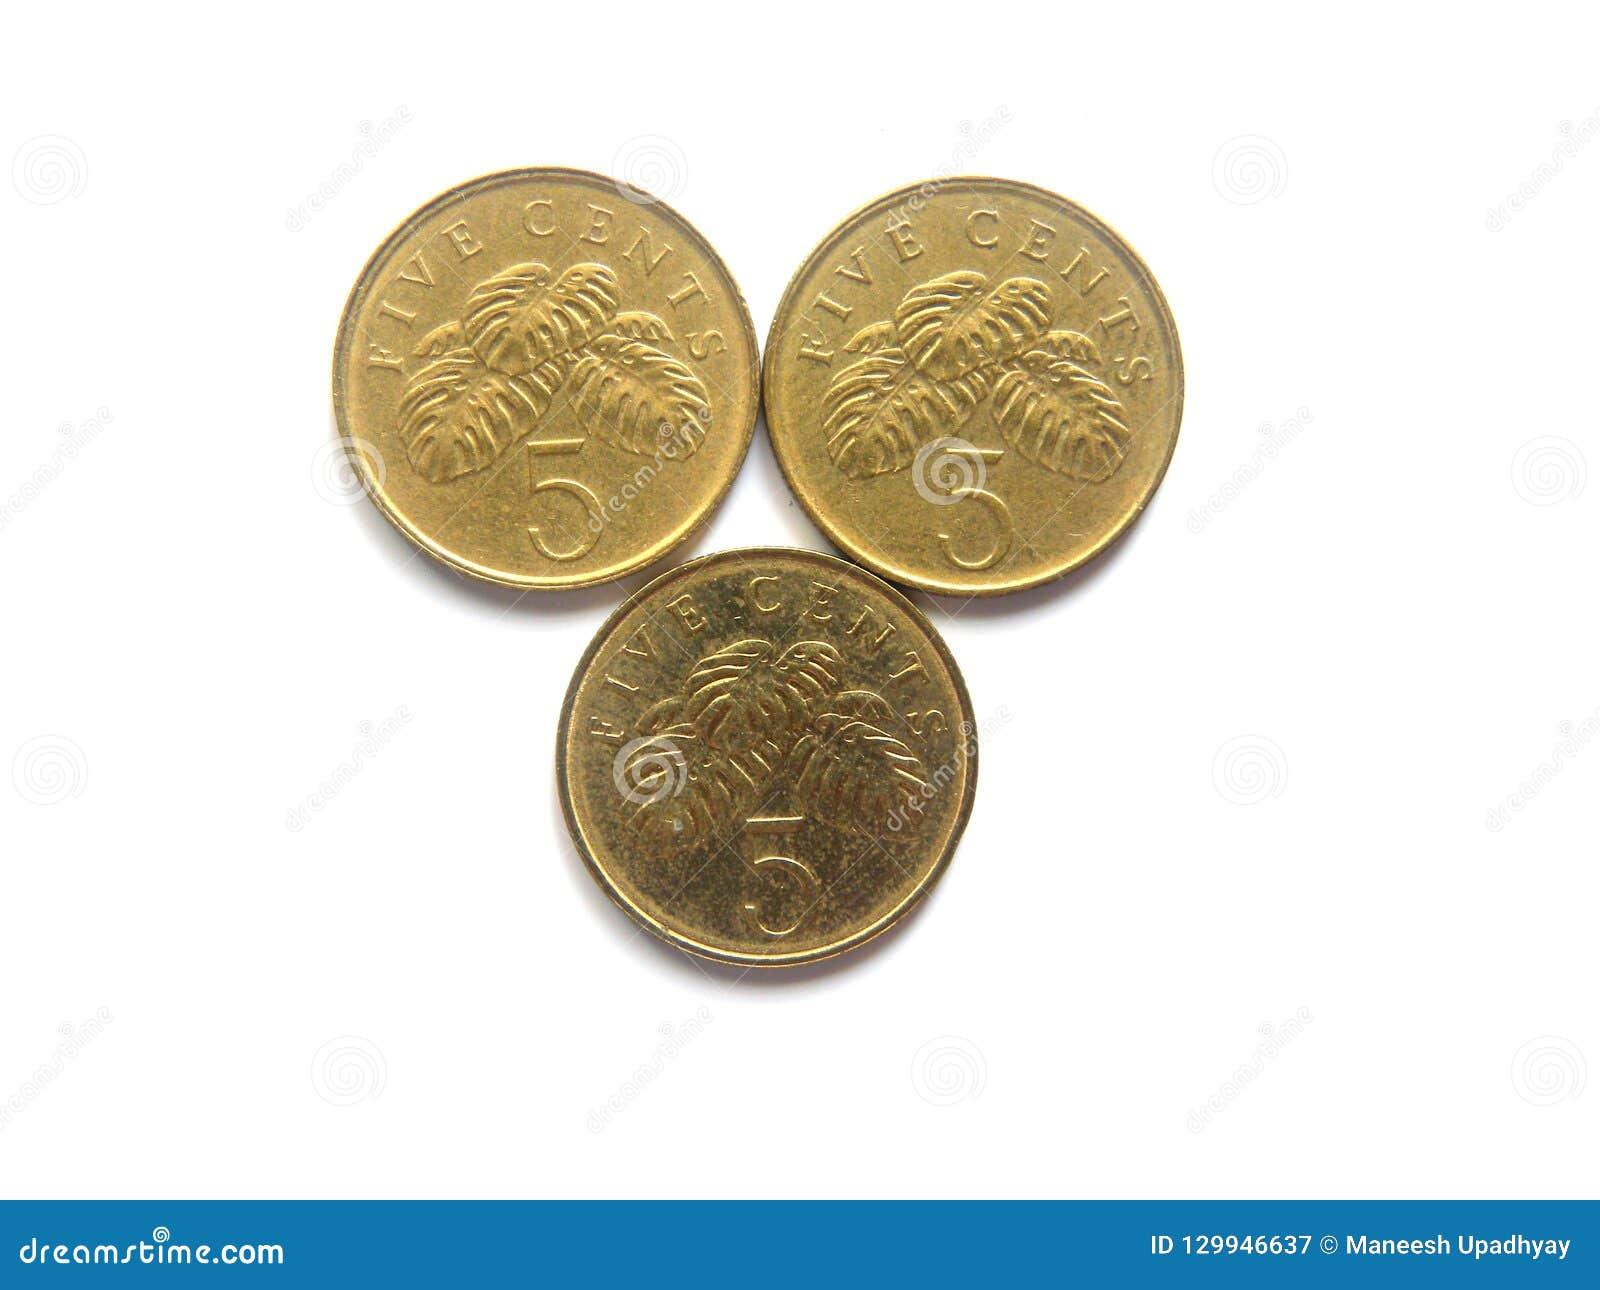 Drei 5 Cents Singapur-Münzen